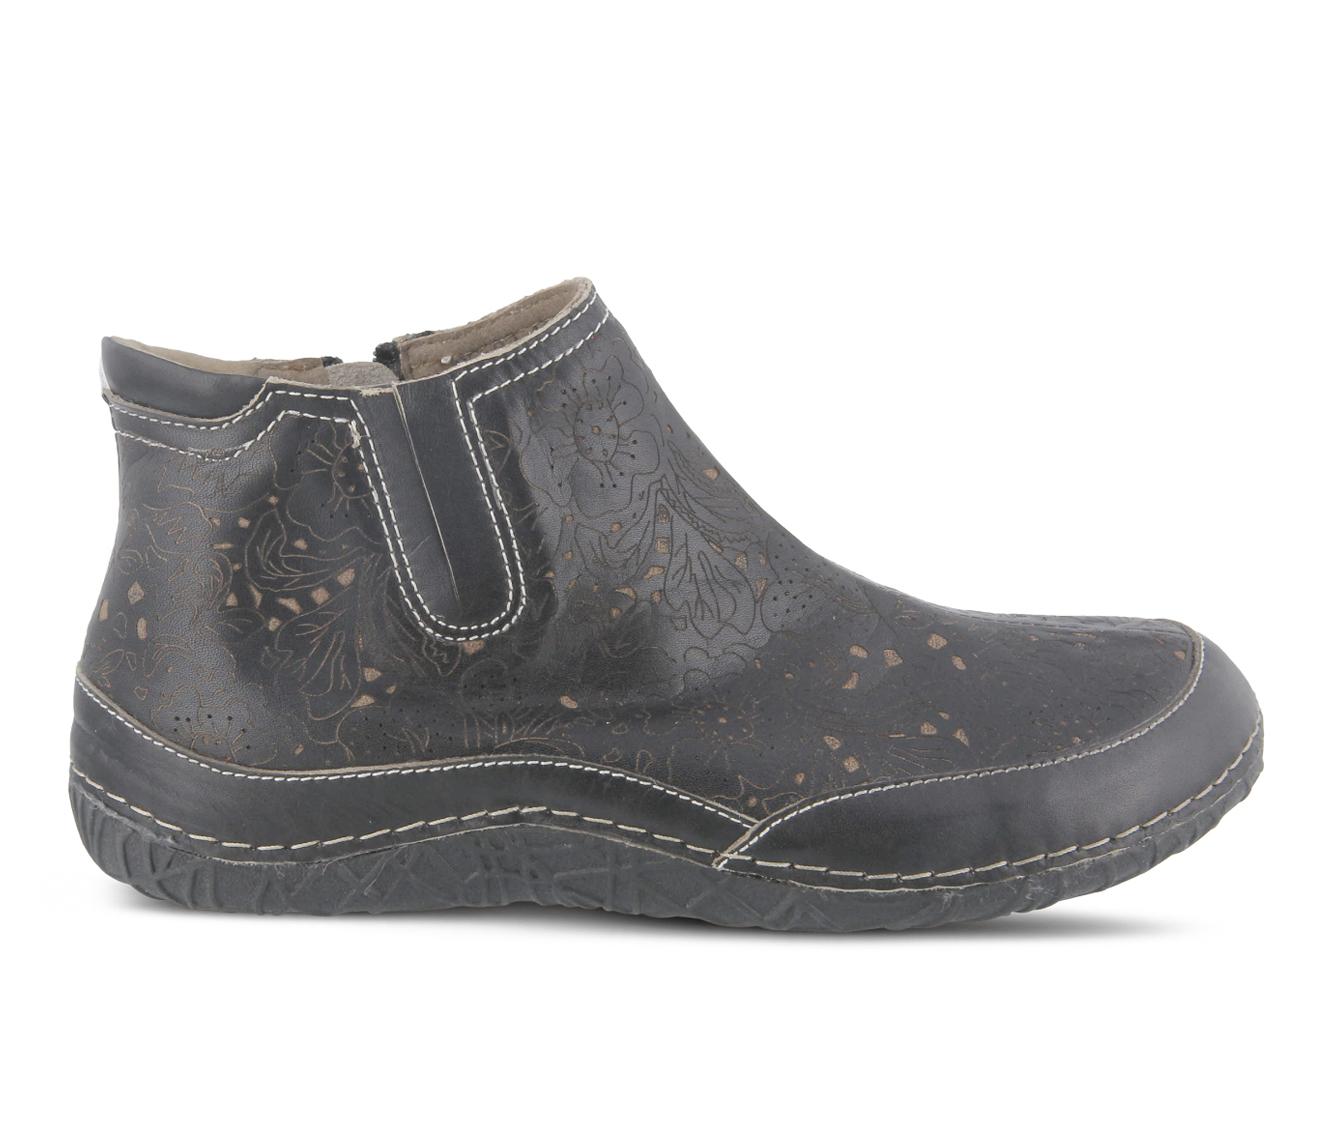 L'Artiste Libootie Women's Boots (Black Leather)